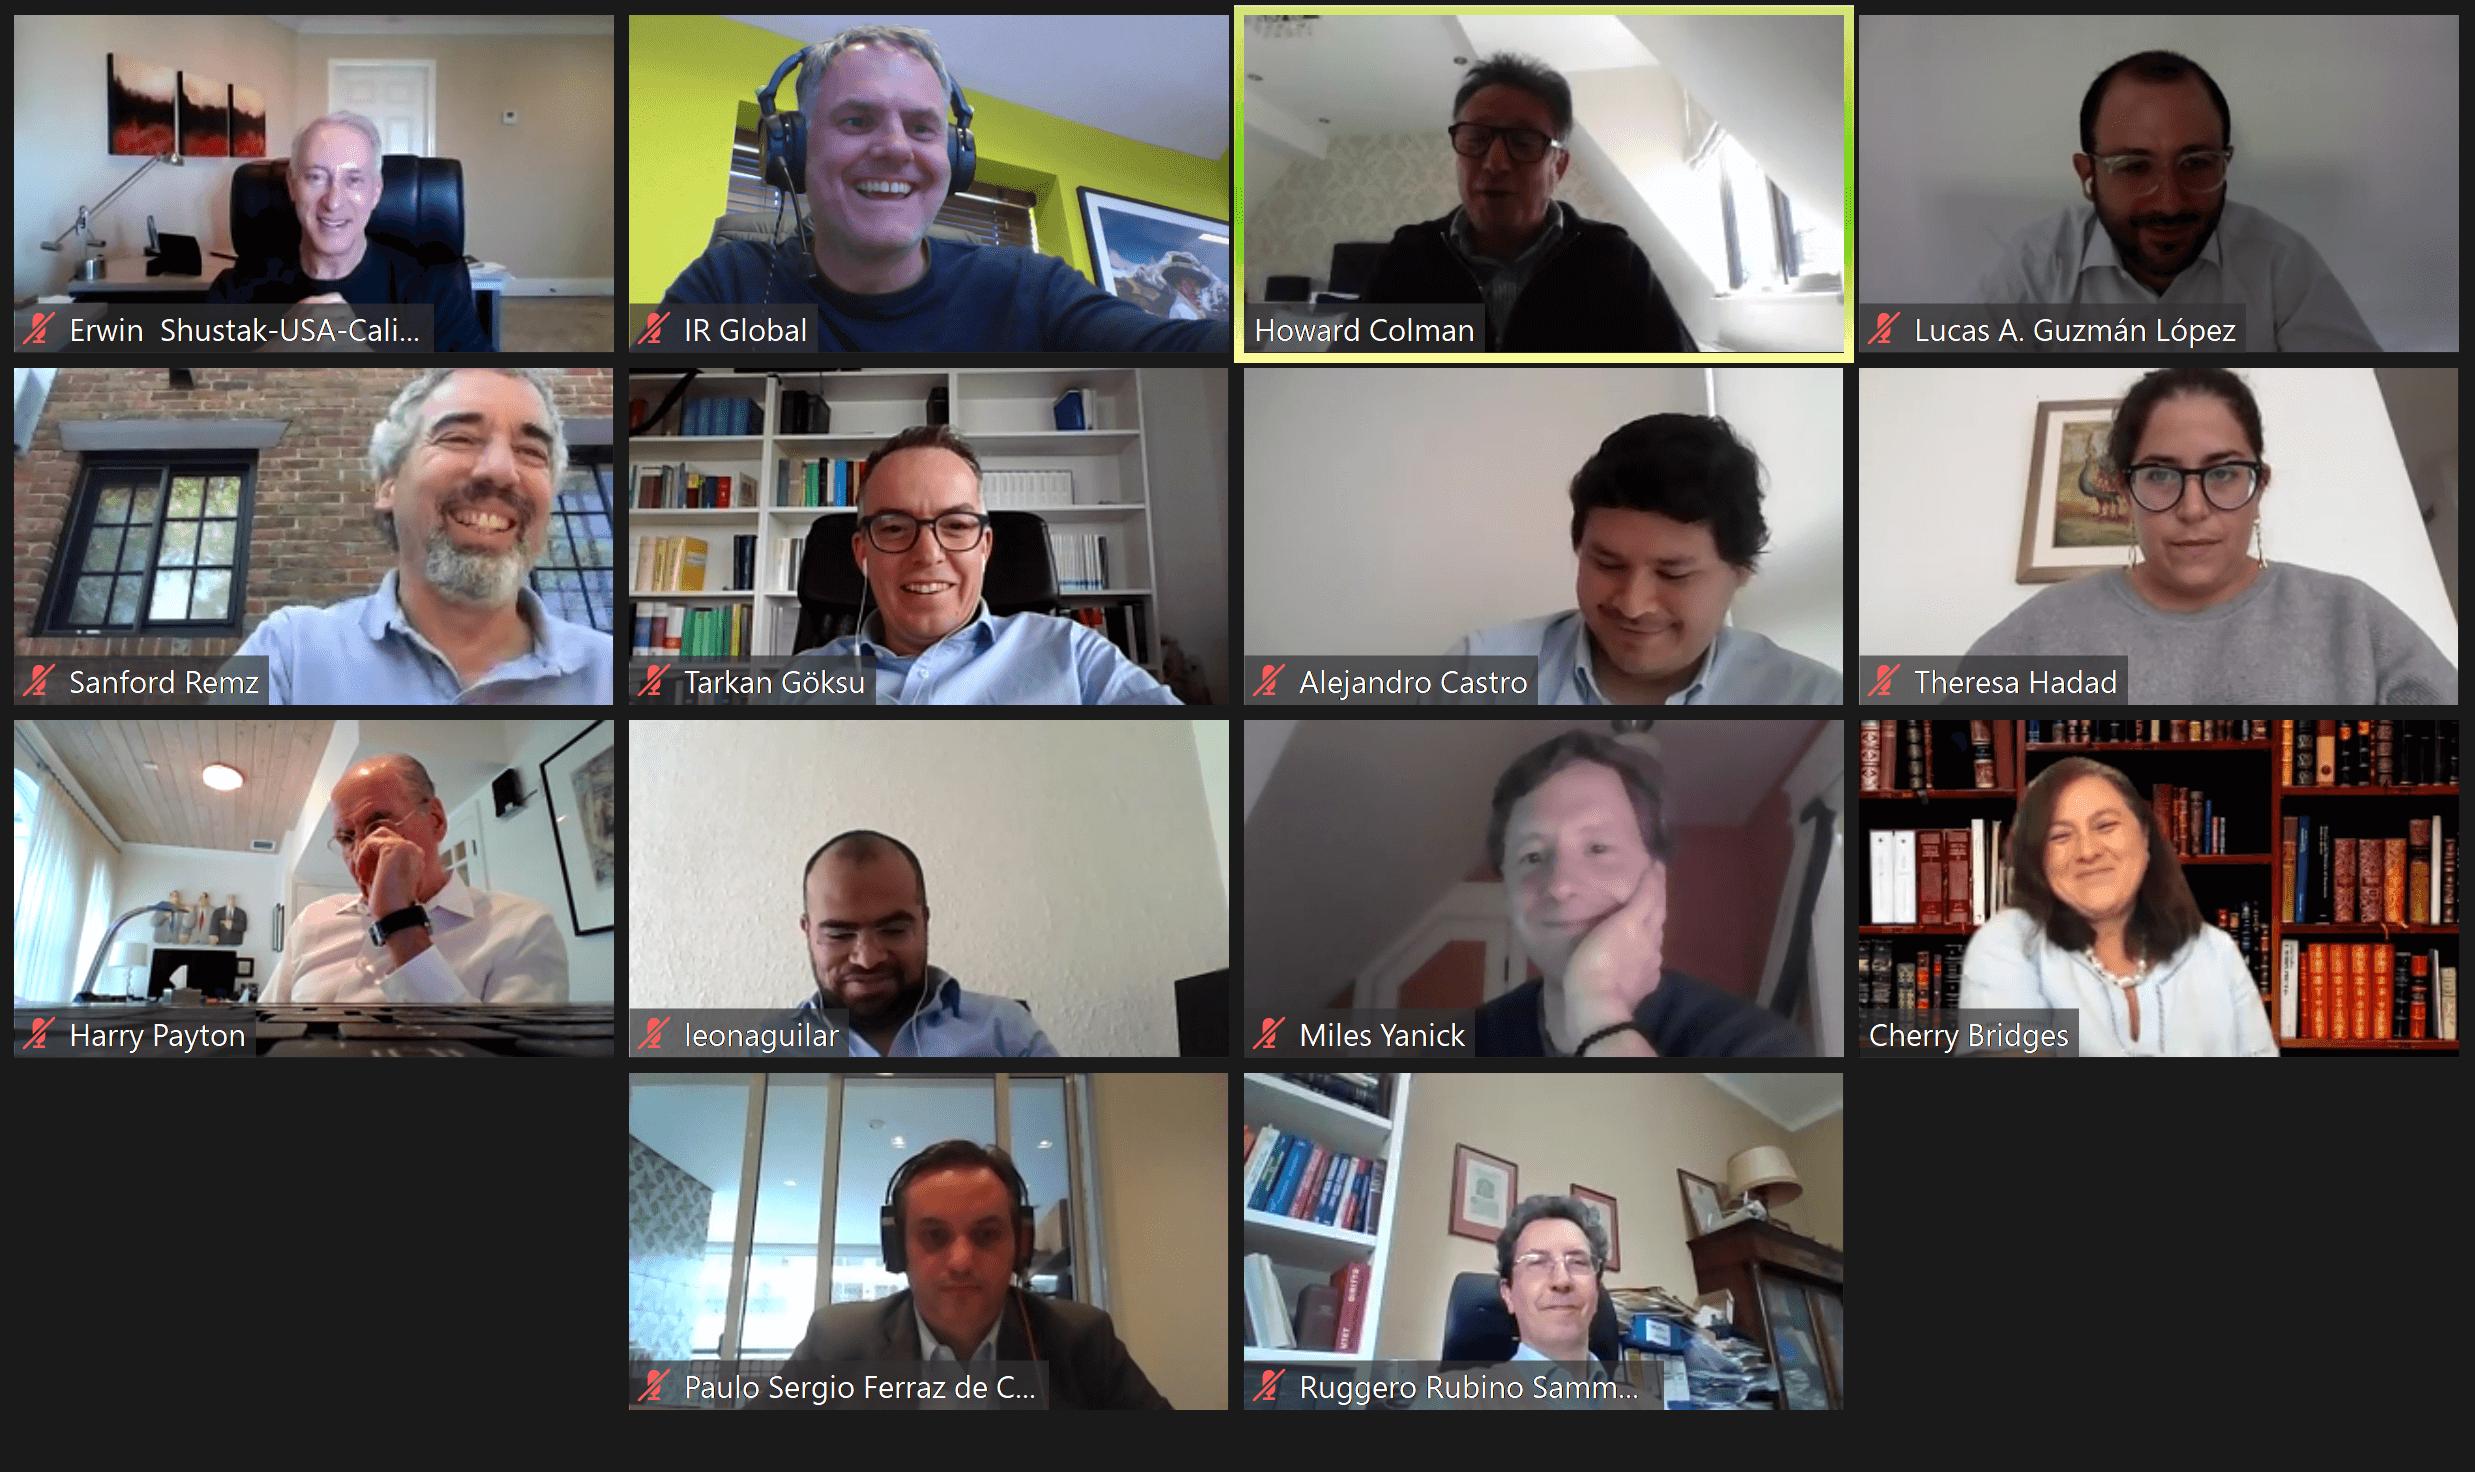 Howard Colman IR Global virtual meeting